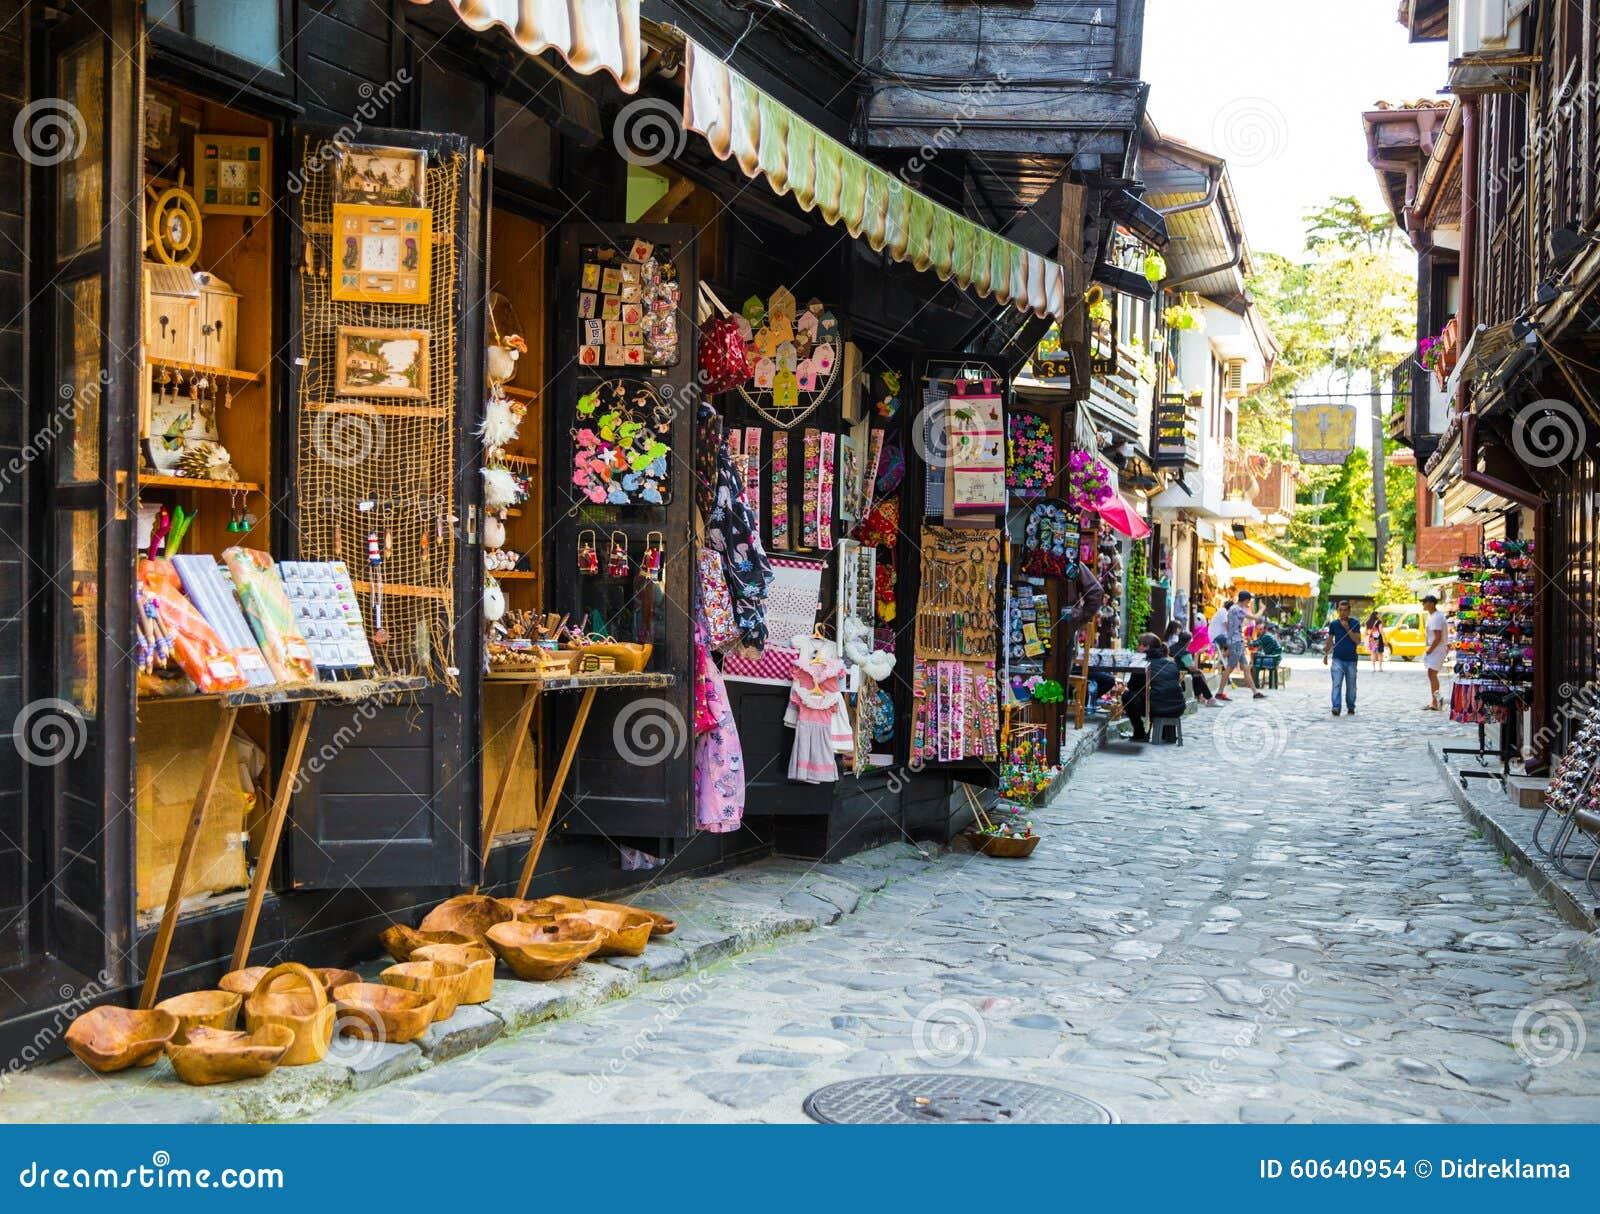 Einkaufsstraße in der alten Stadt von Nessebar, Bulgarien